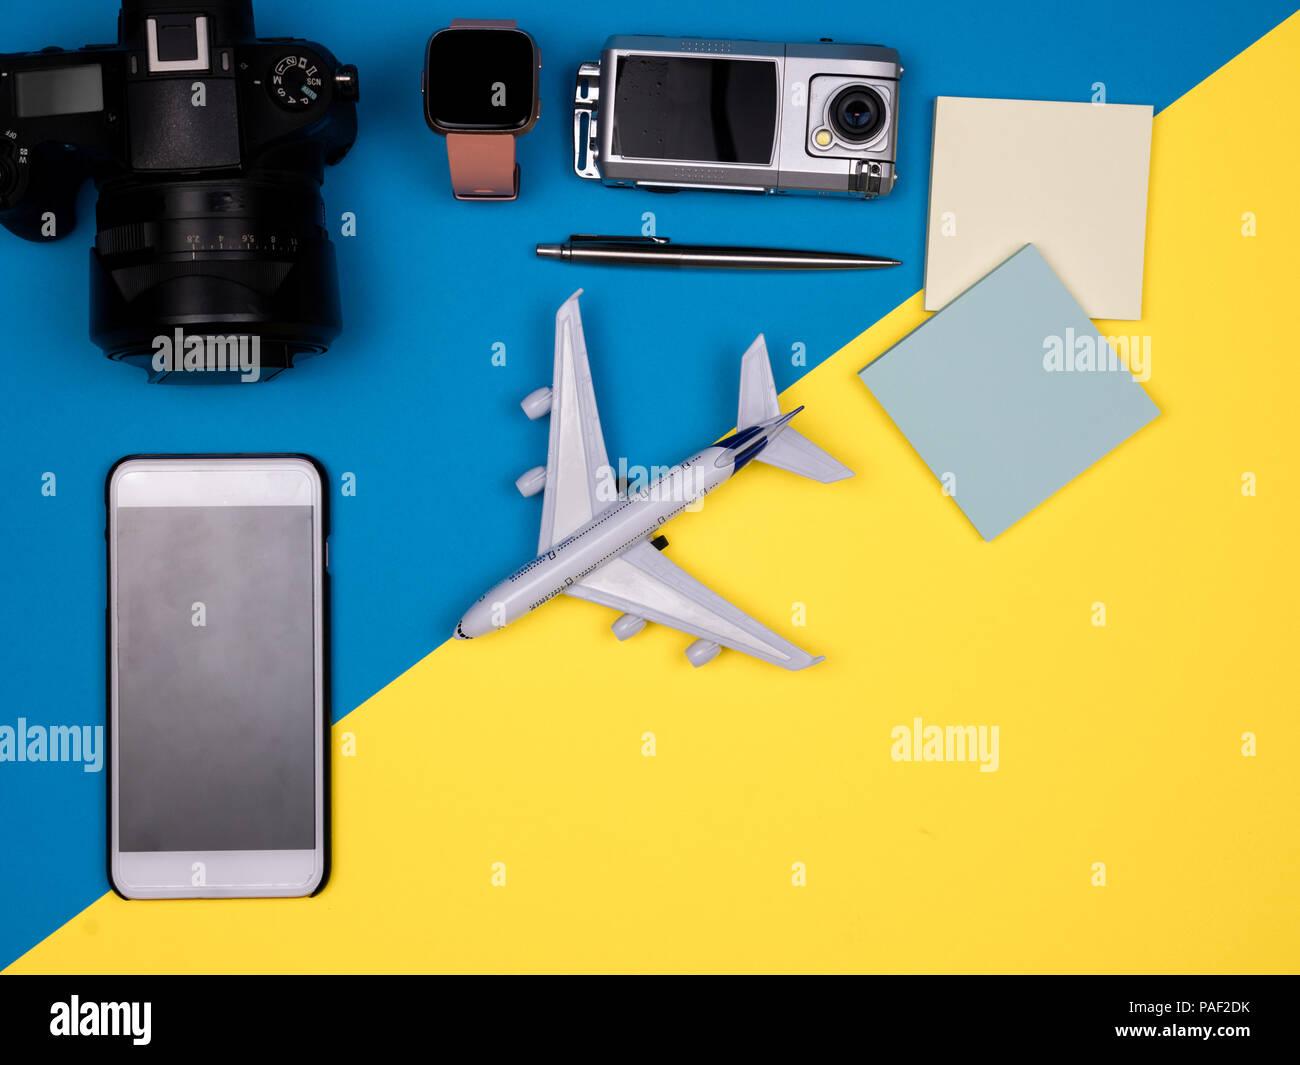 Appareil photo, smartphone, avion, regarder, appareil photo d'action, un stylo, des notes Photo Stock